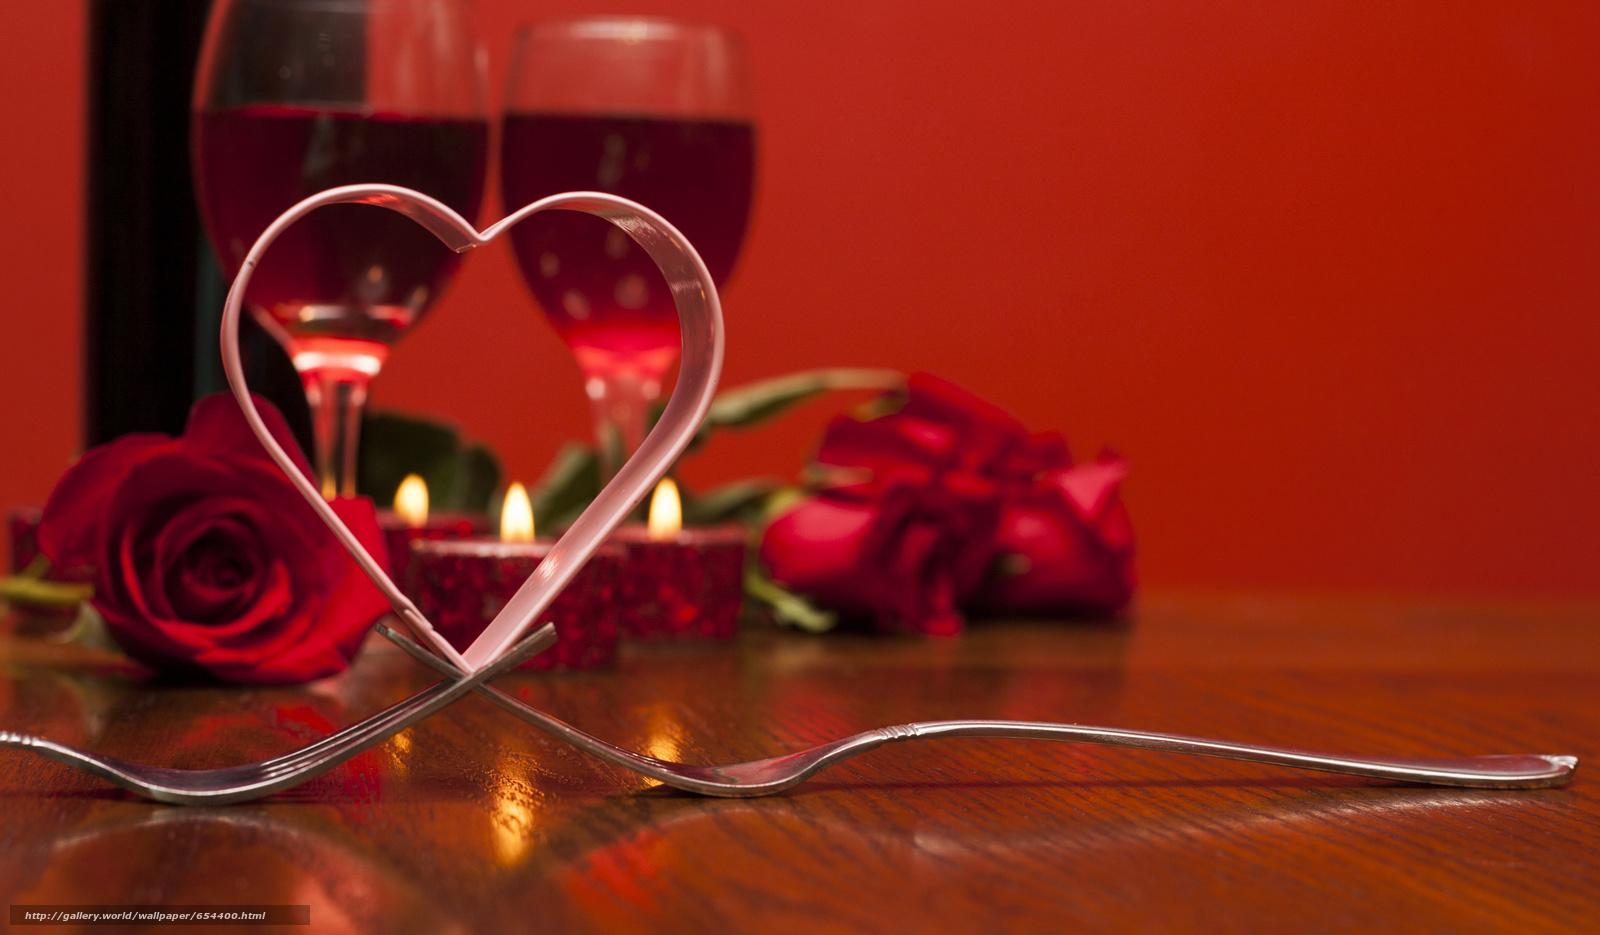 Обои на рабочий стол романтический вечер